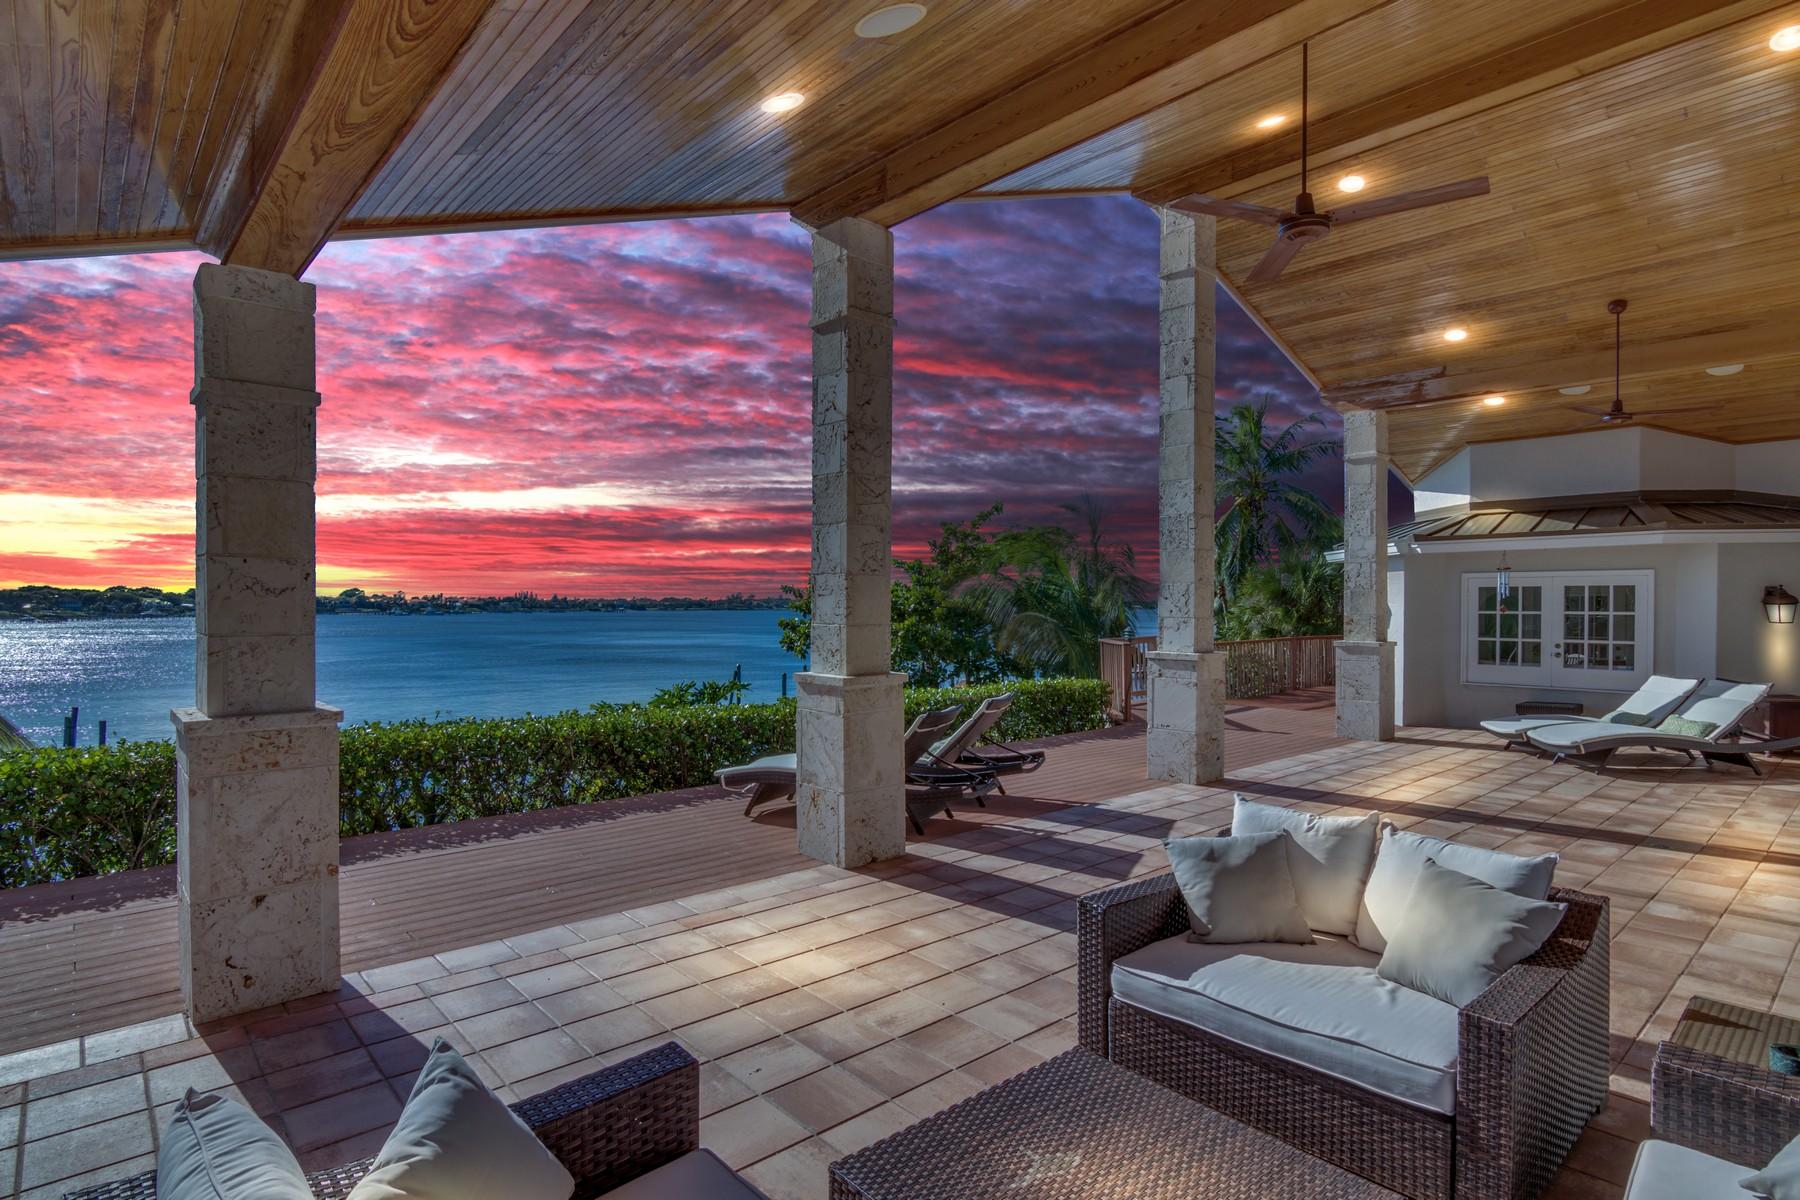 Частный односемейный дом для того Продажа на 137 S River Road Stuart, Флорида, 34996 Соединенные Штаты